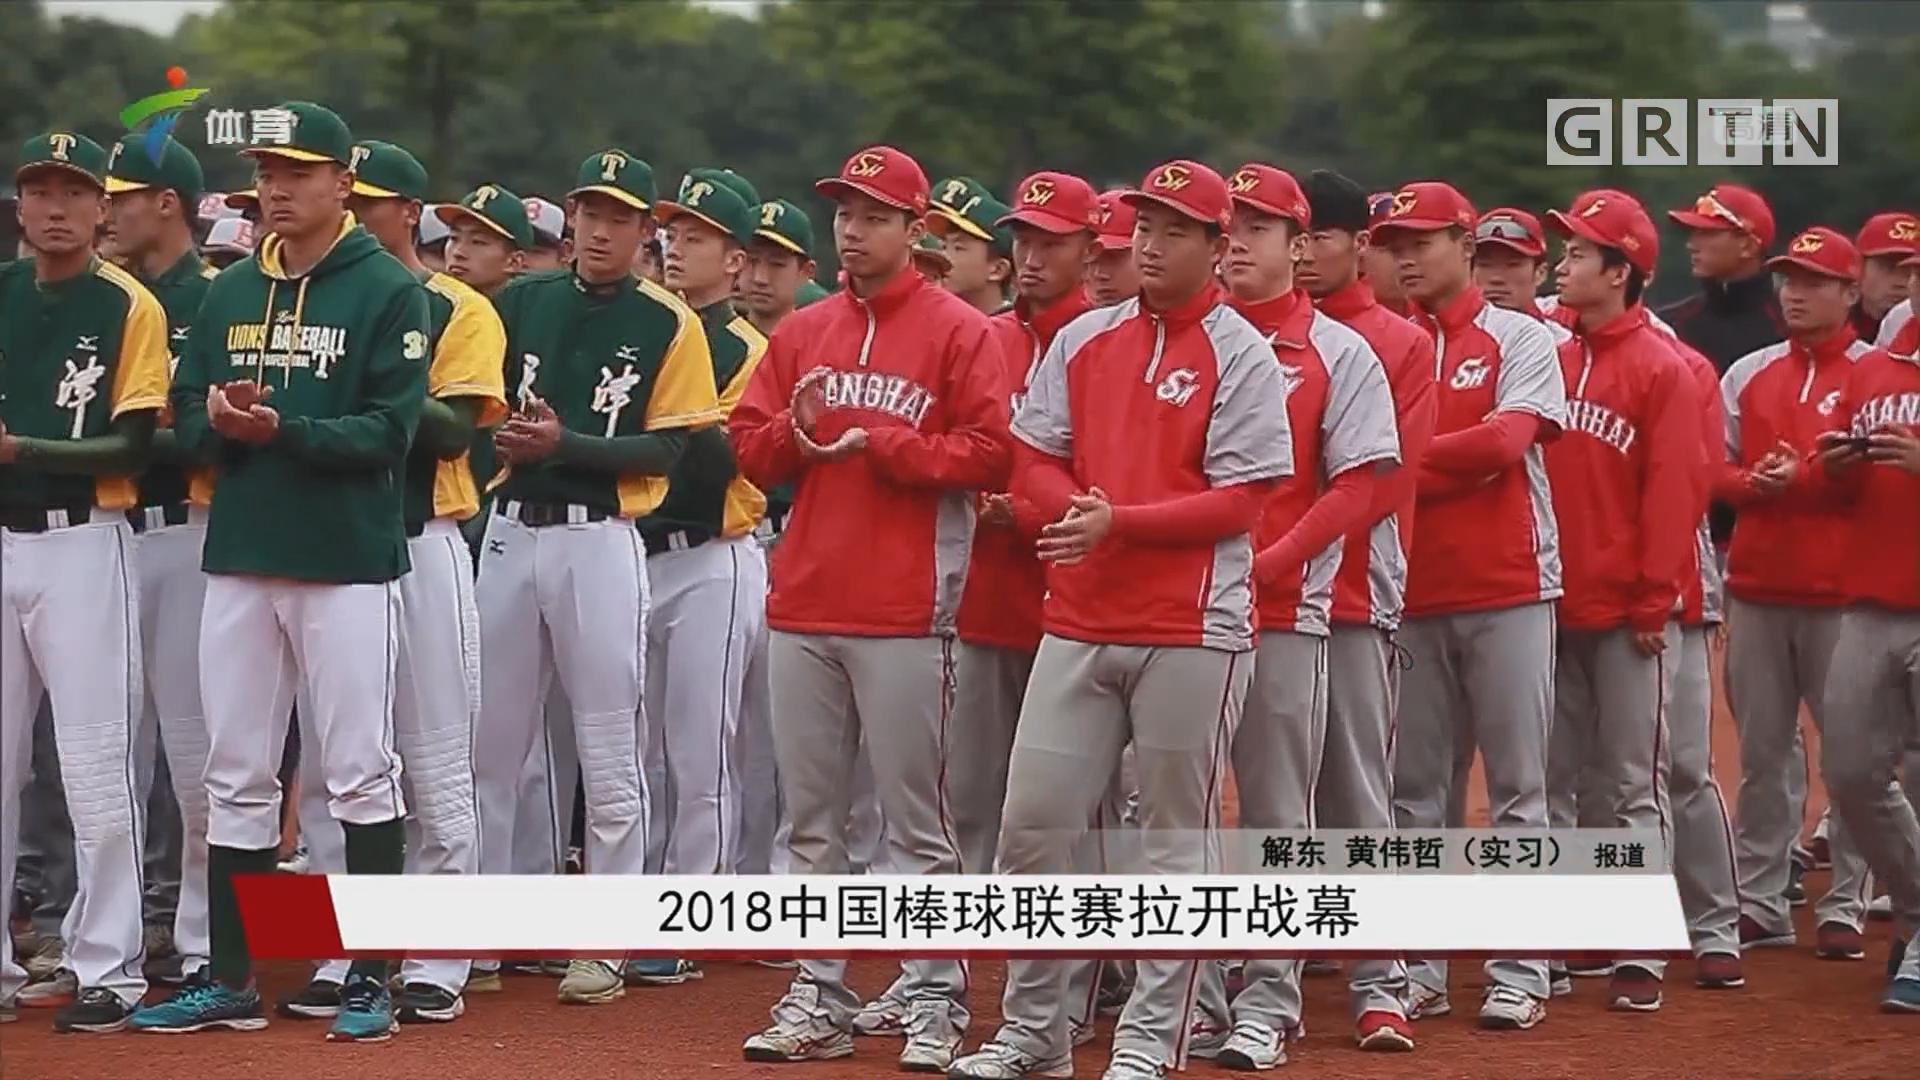 2018中国棒球联赛拉开战幕